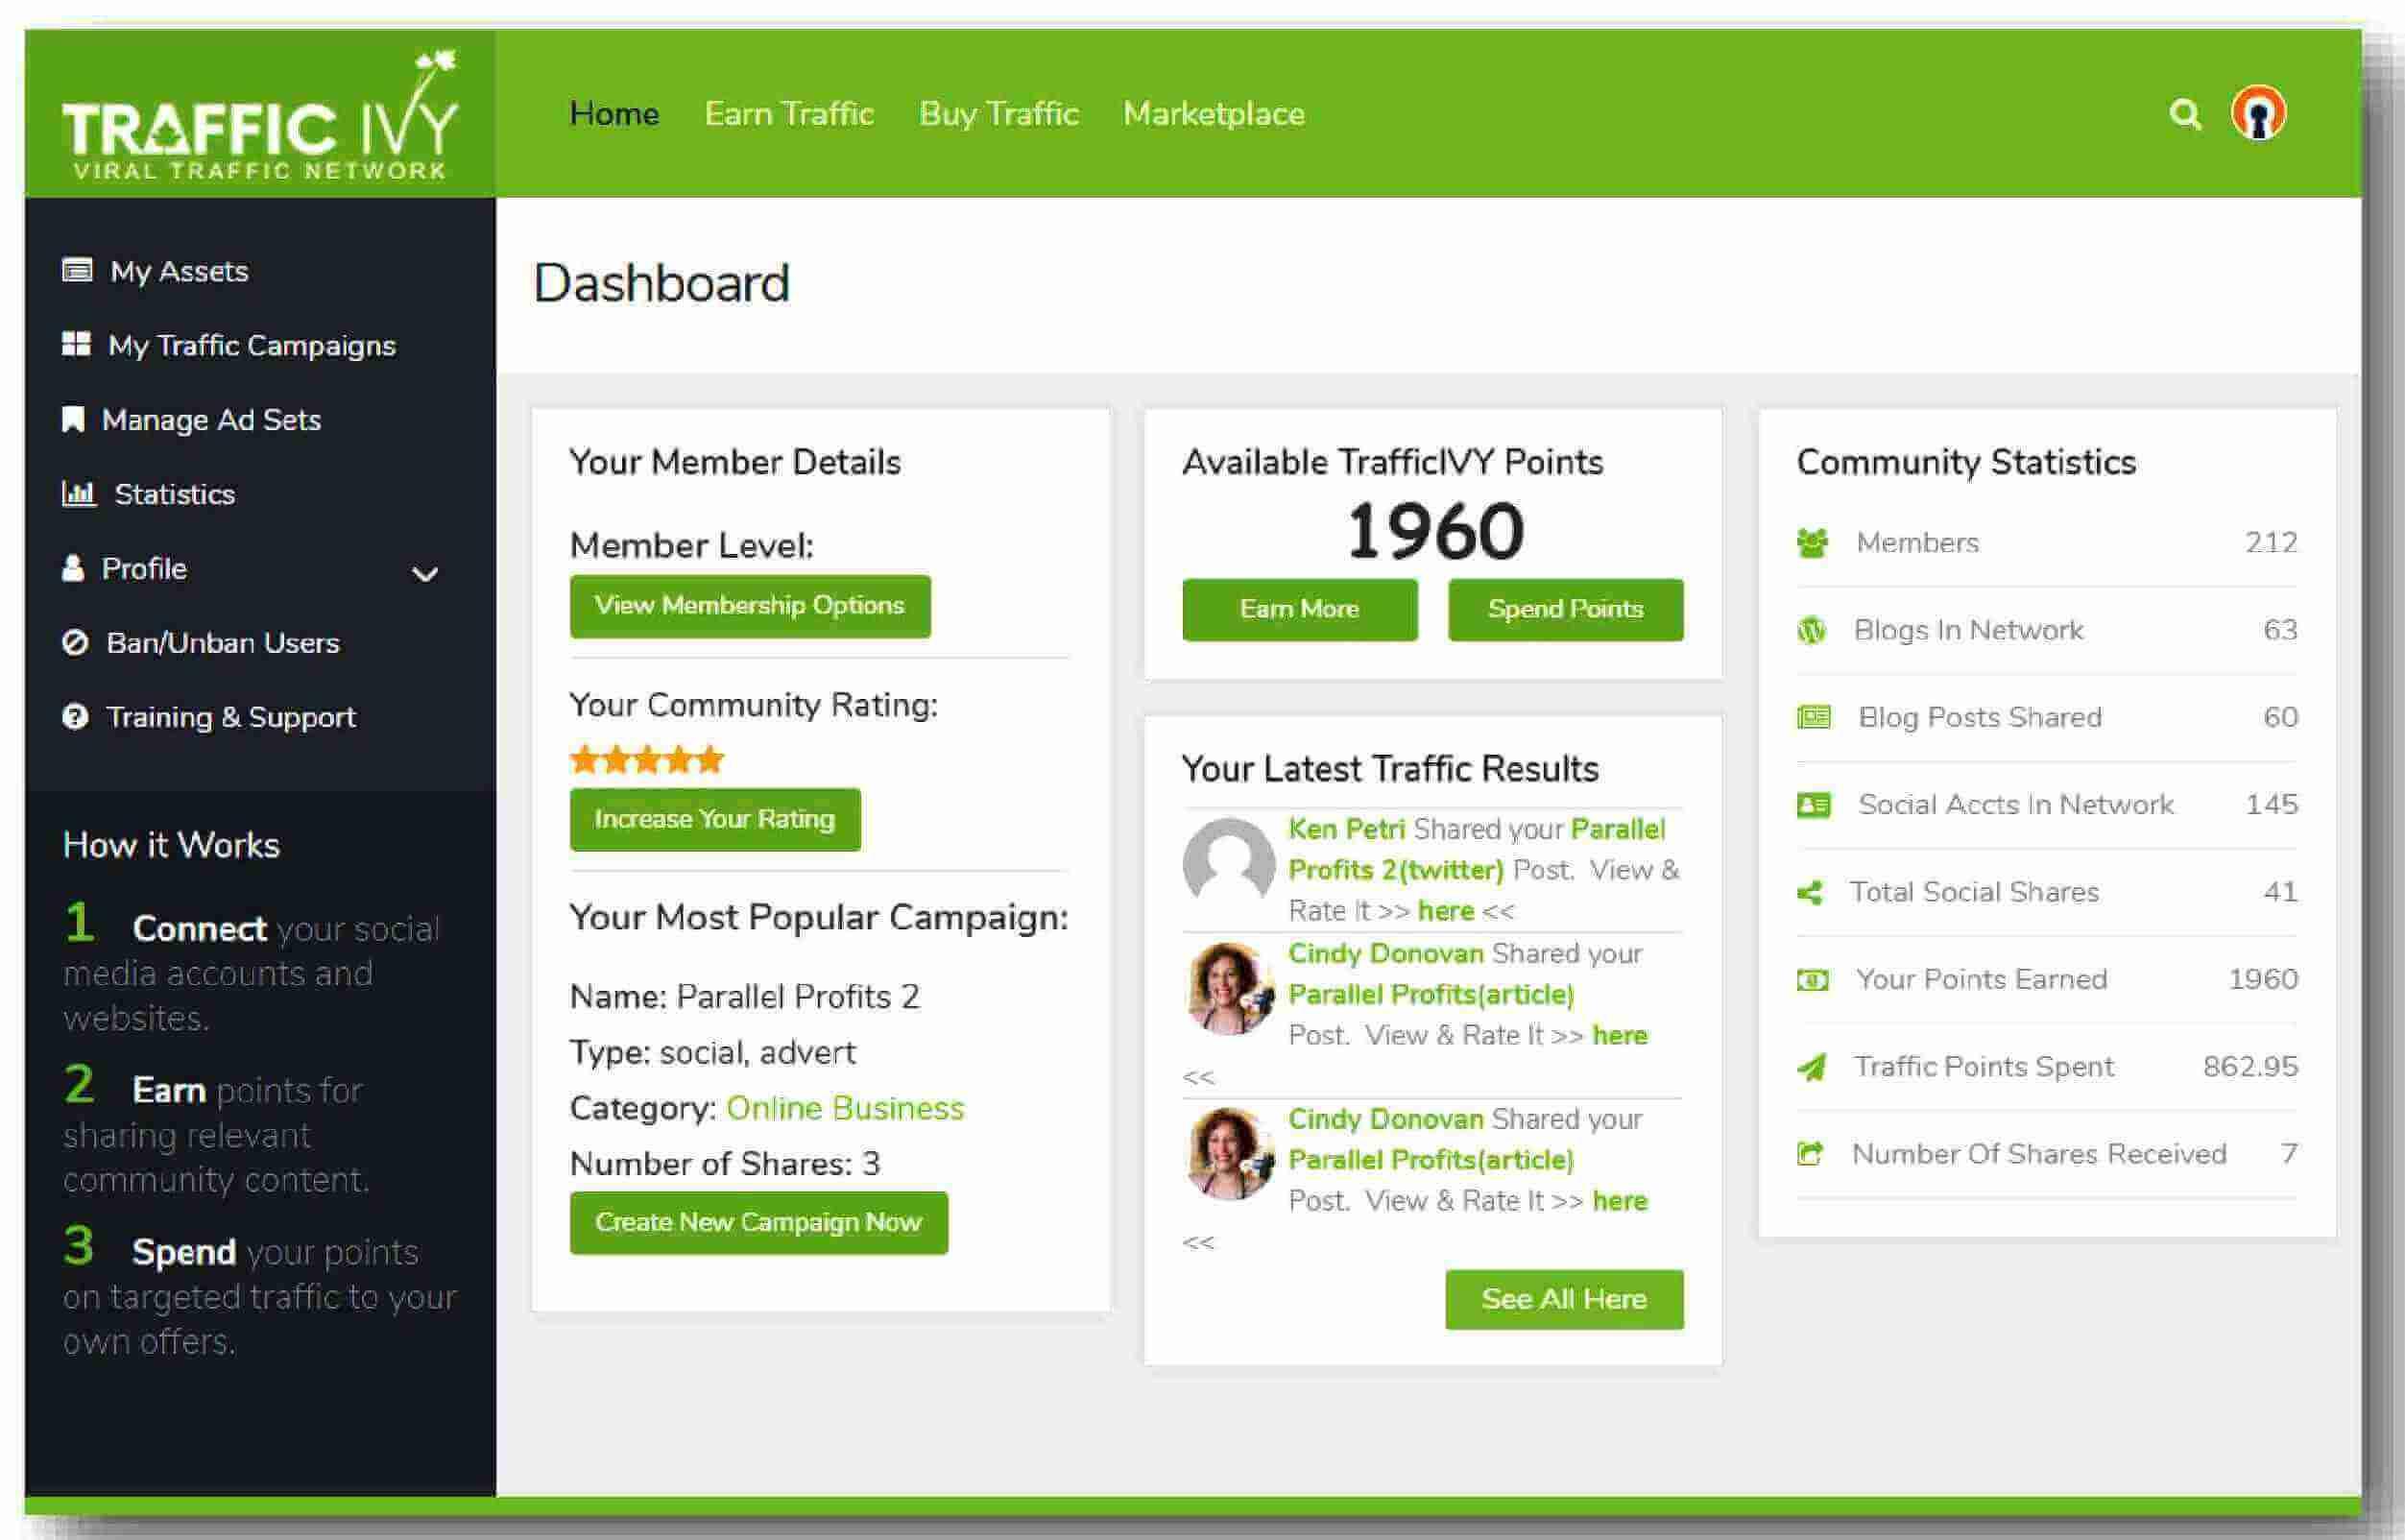 traffic_ivy_dashboard